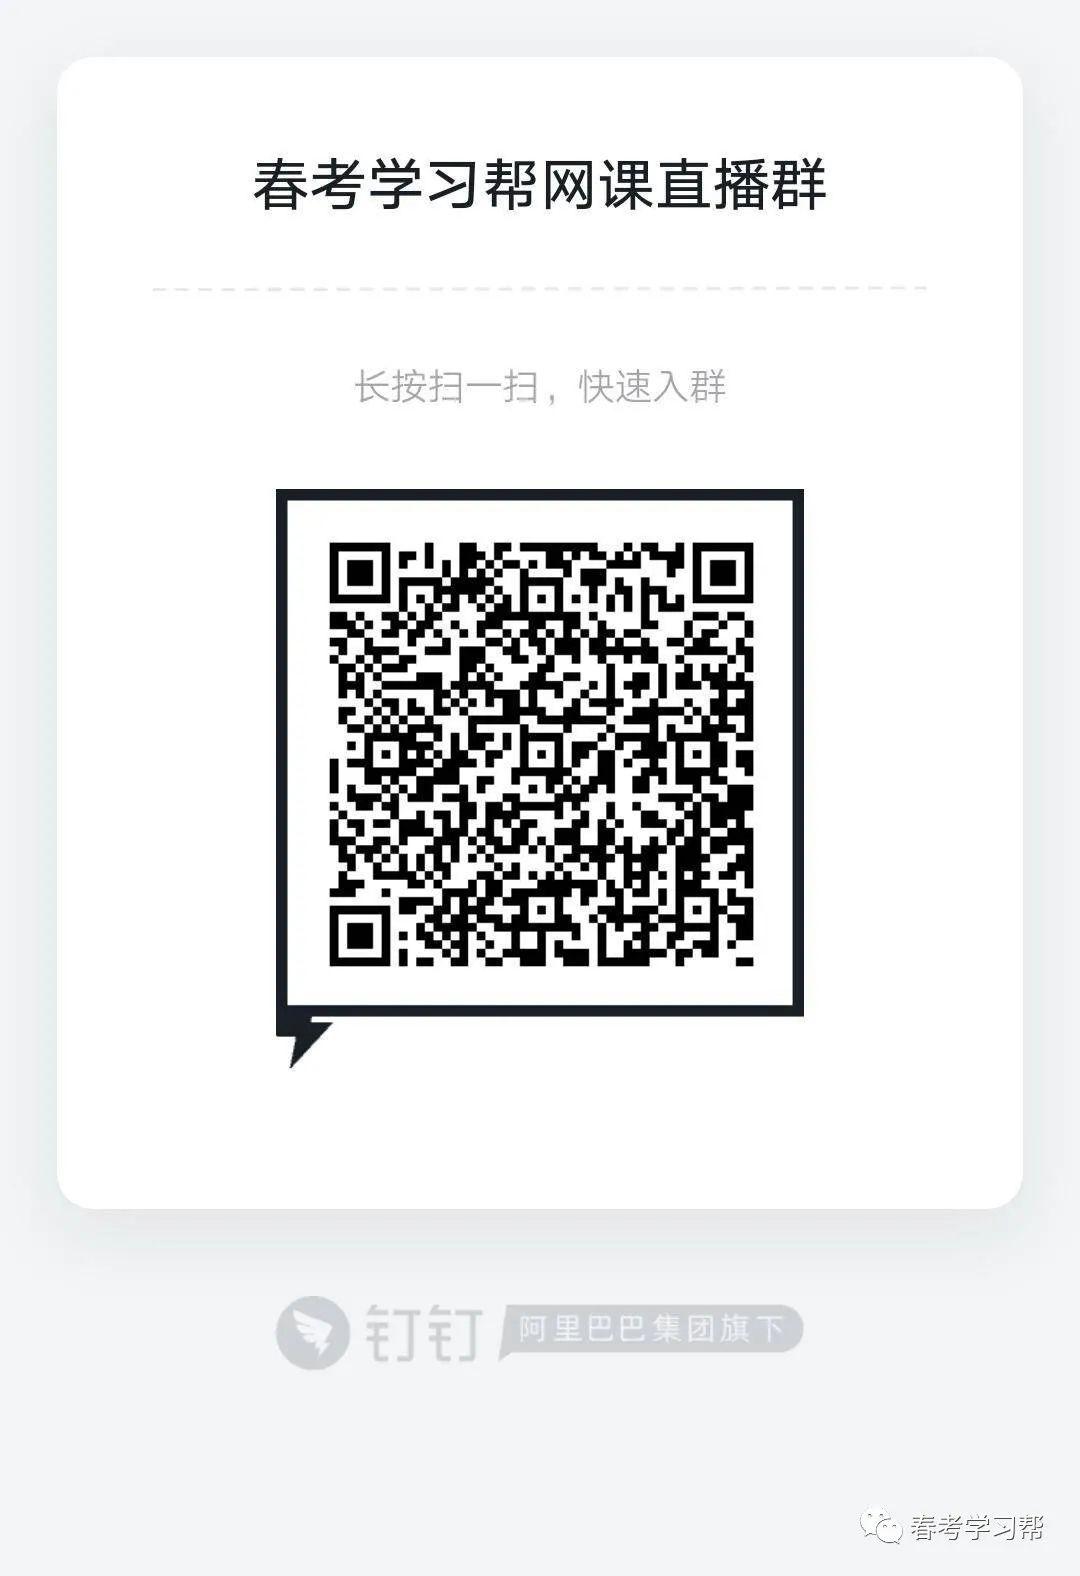 5615cc23850317867ac37c6648b0d00e.png